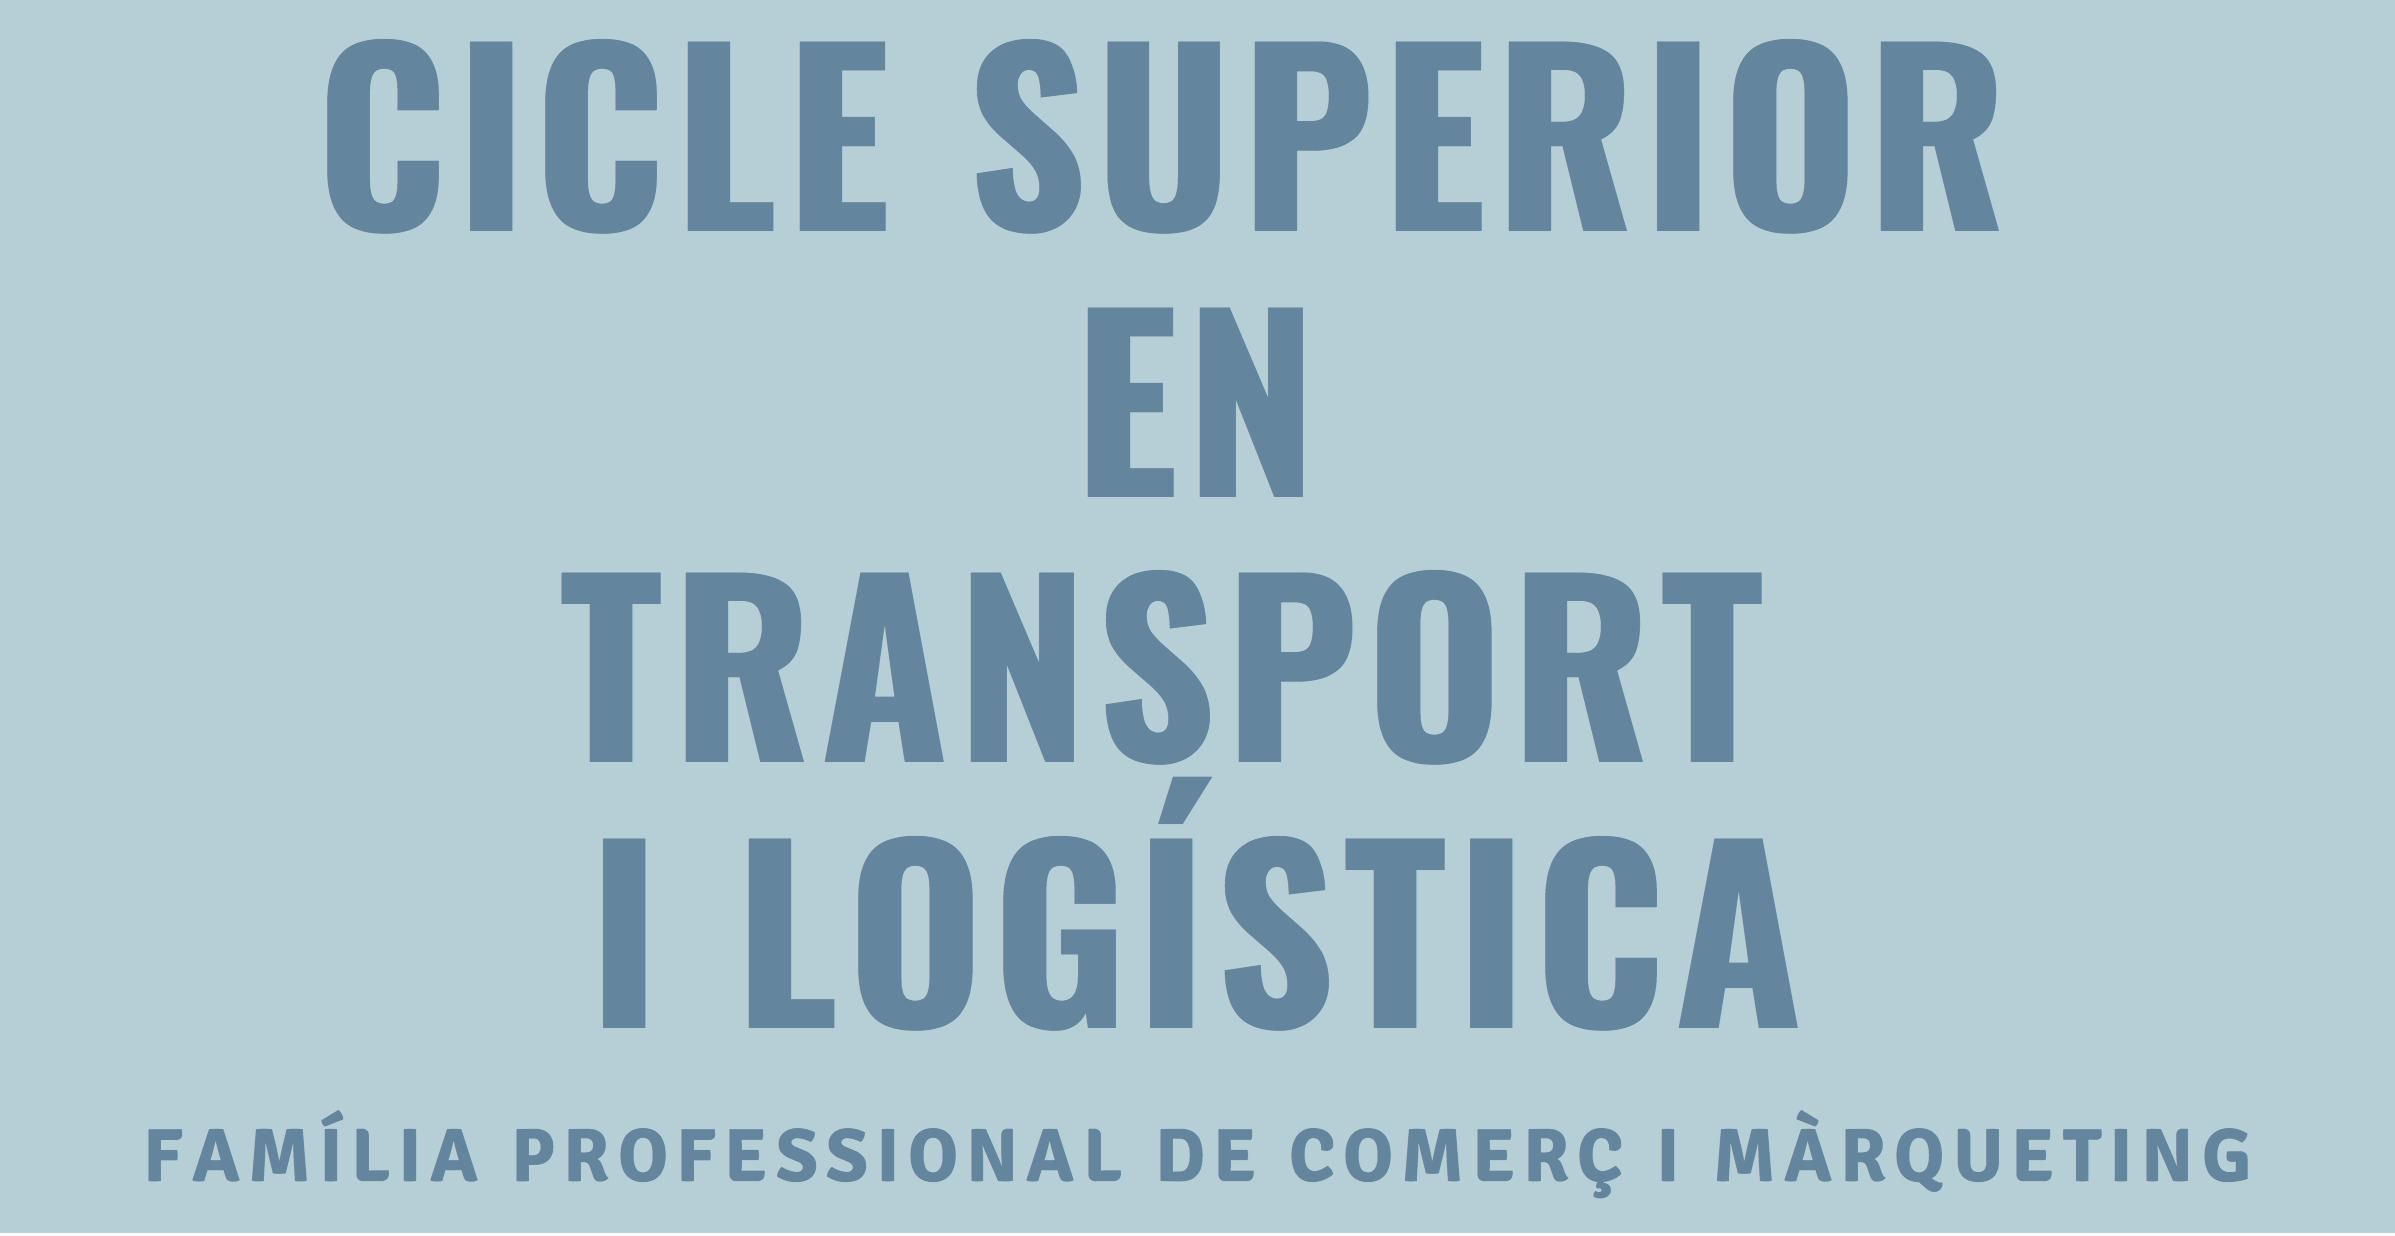 Cicle Superior en Transport i Logística de la família professional de Comerç i Màrqueting